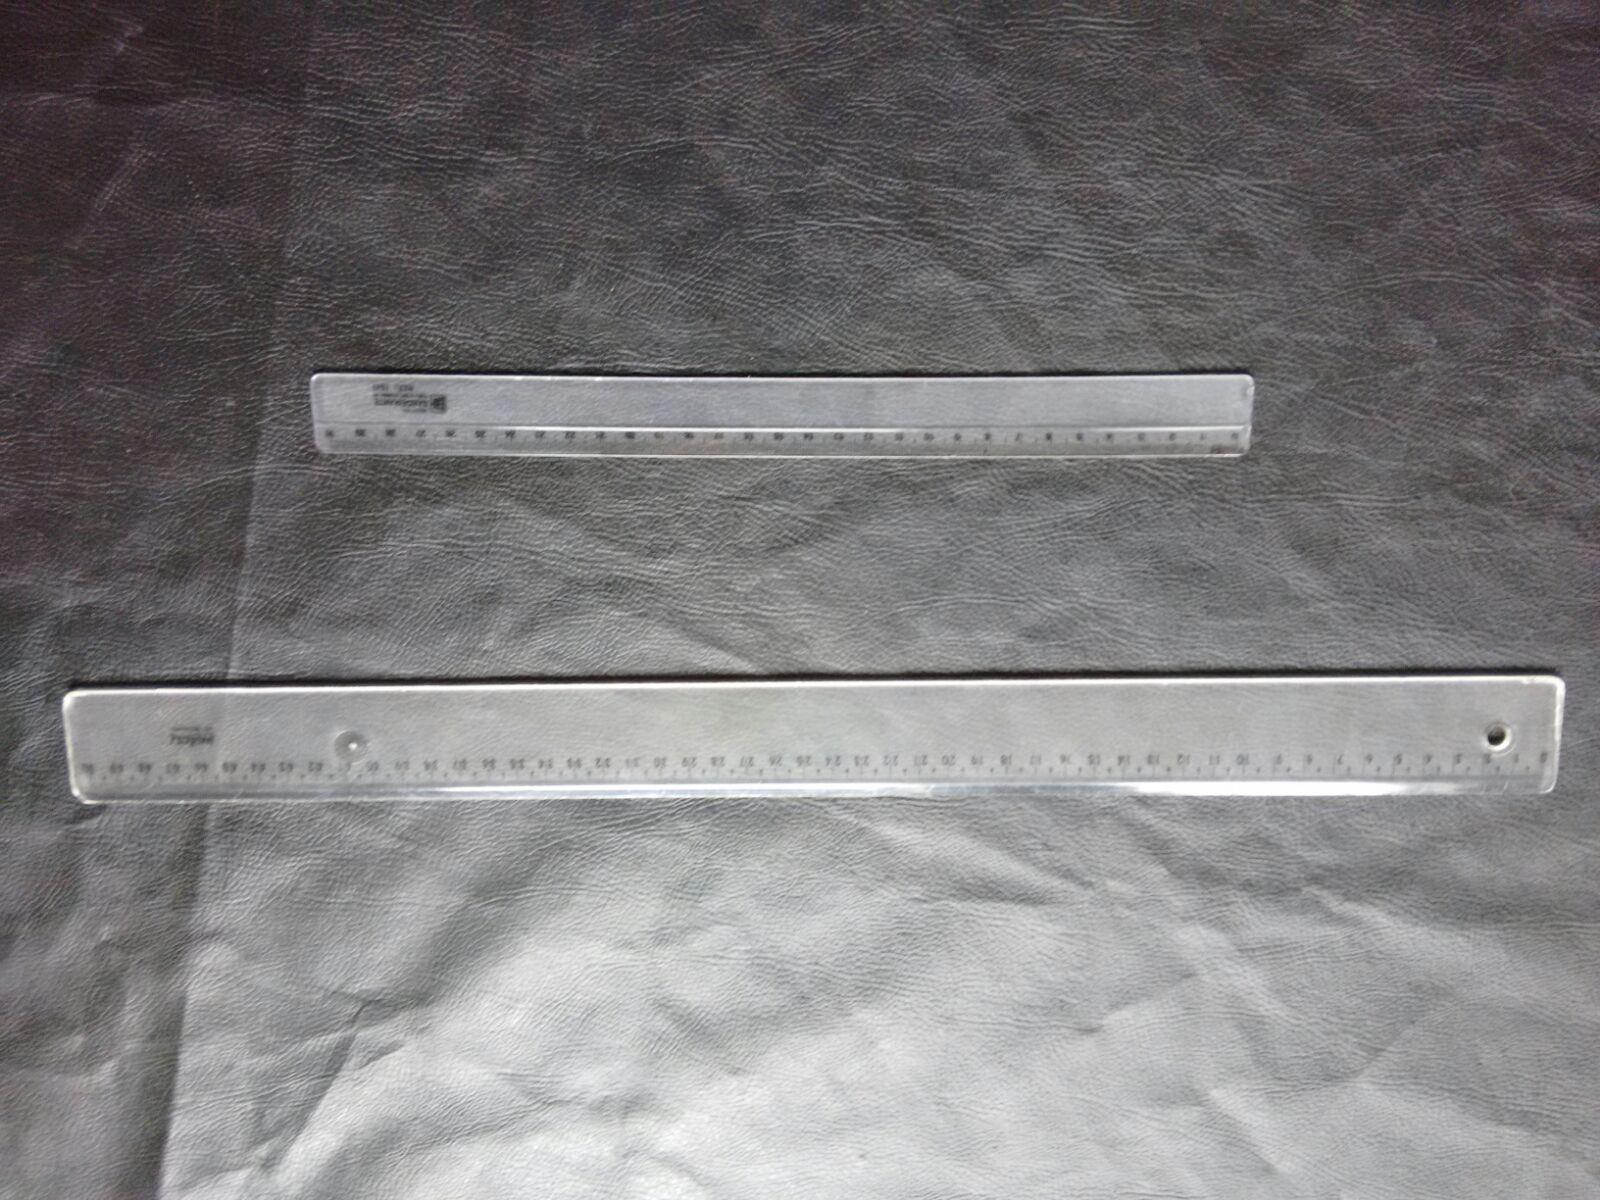 régua comum para moldes de roupa